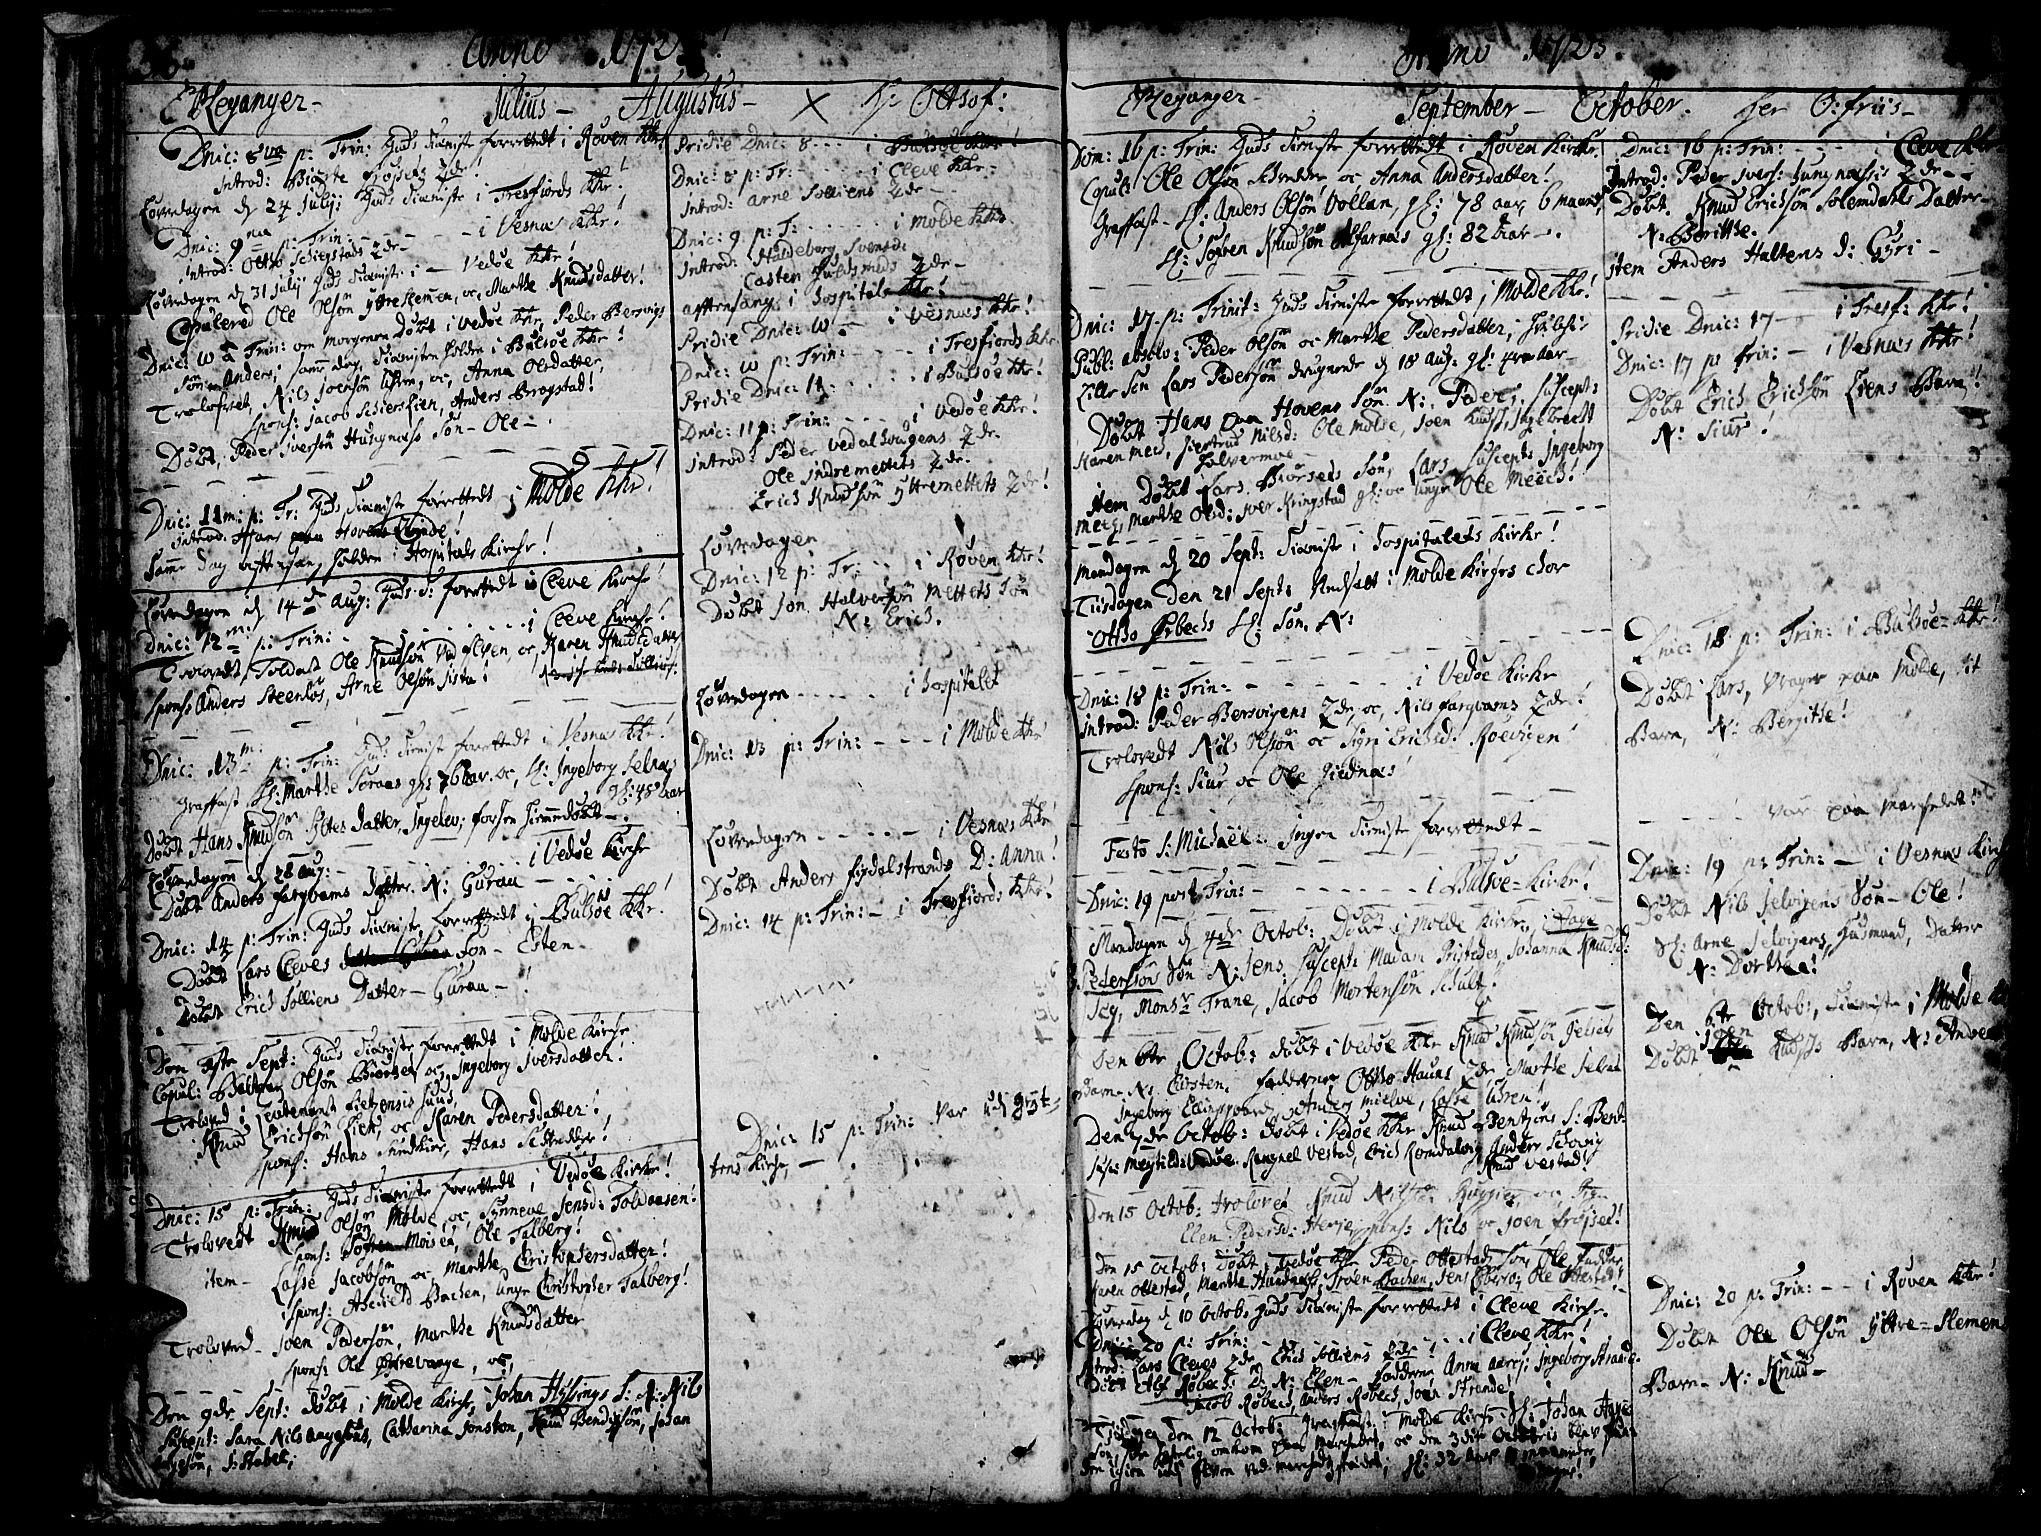 SAT, Ministerialprotokoller, klokkerbøker og fødselsregistre - Møre og Romsdal, 547/L0599: Ministerialbok nr. 547A01, 1721-1764, s. 38-39